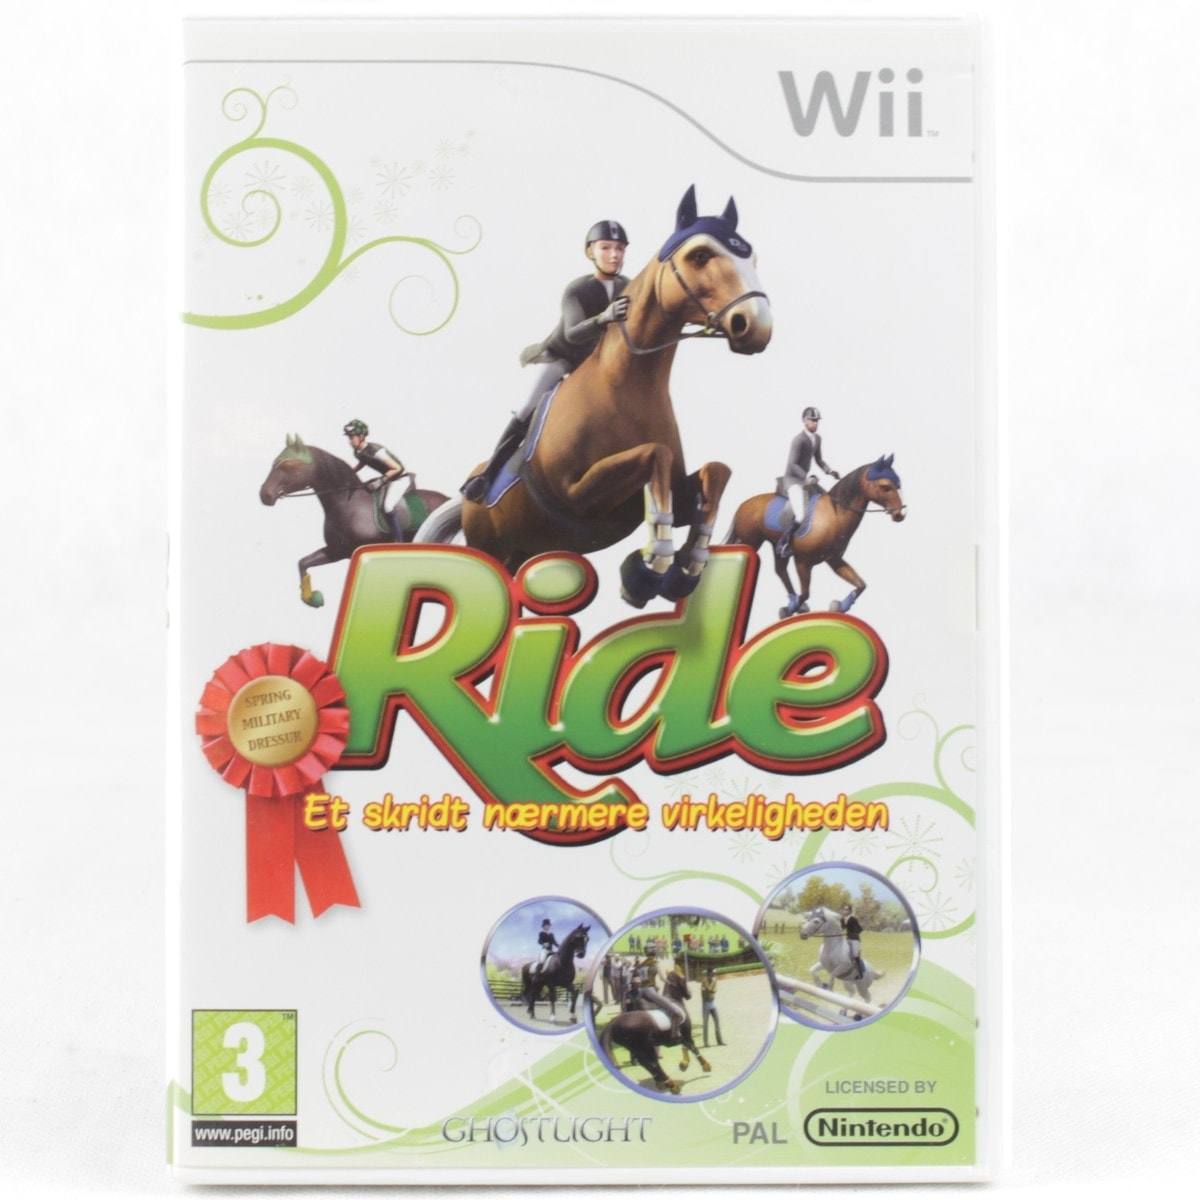 Ride - Et skridt nærmere virkeligheden (Nintendo Wii)